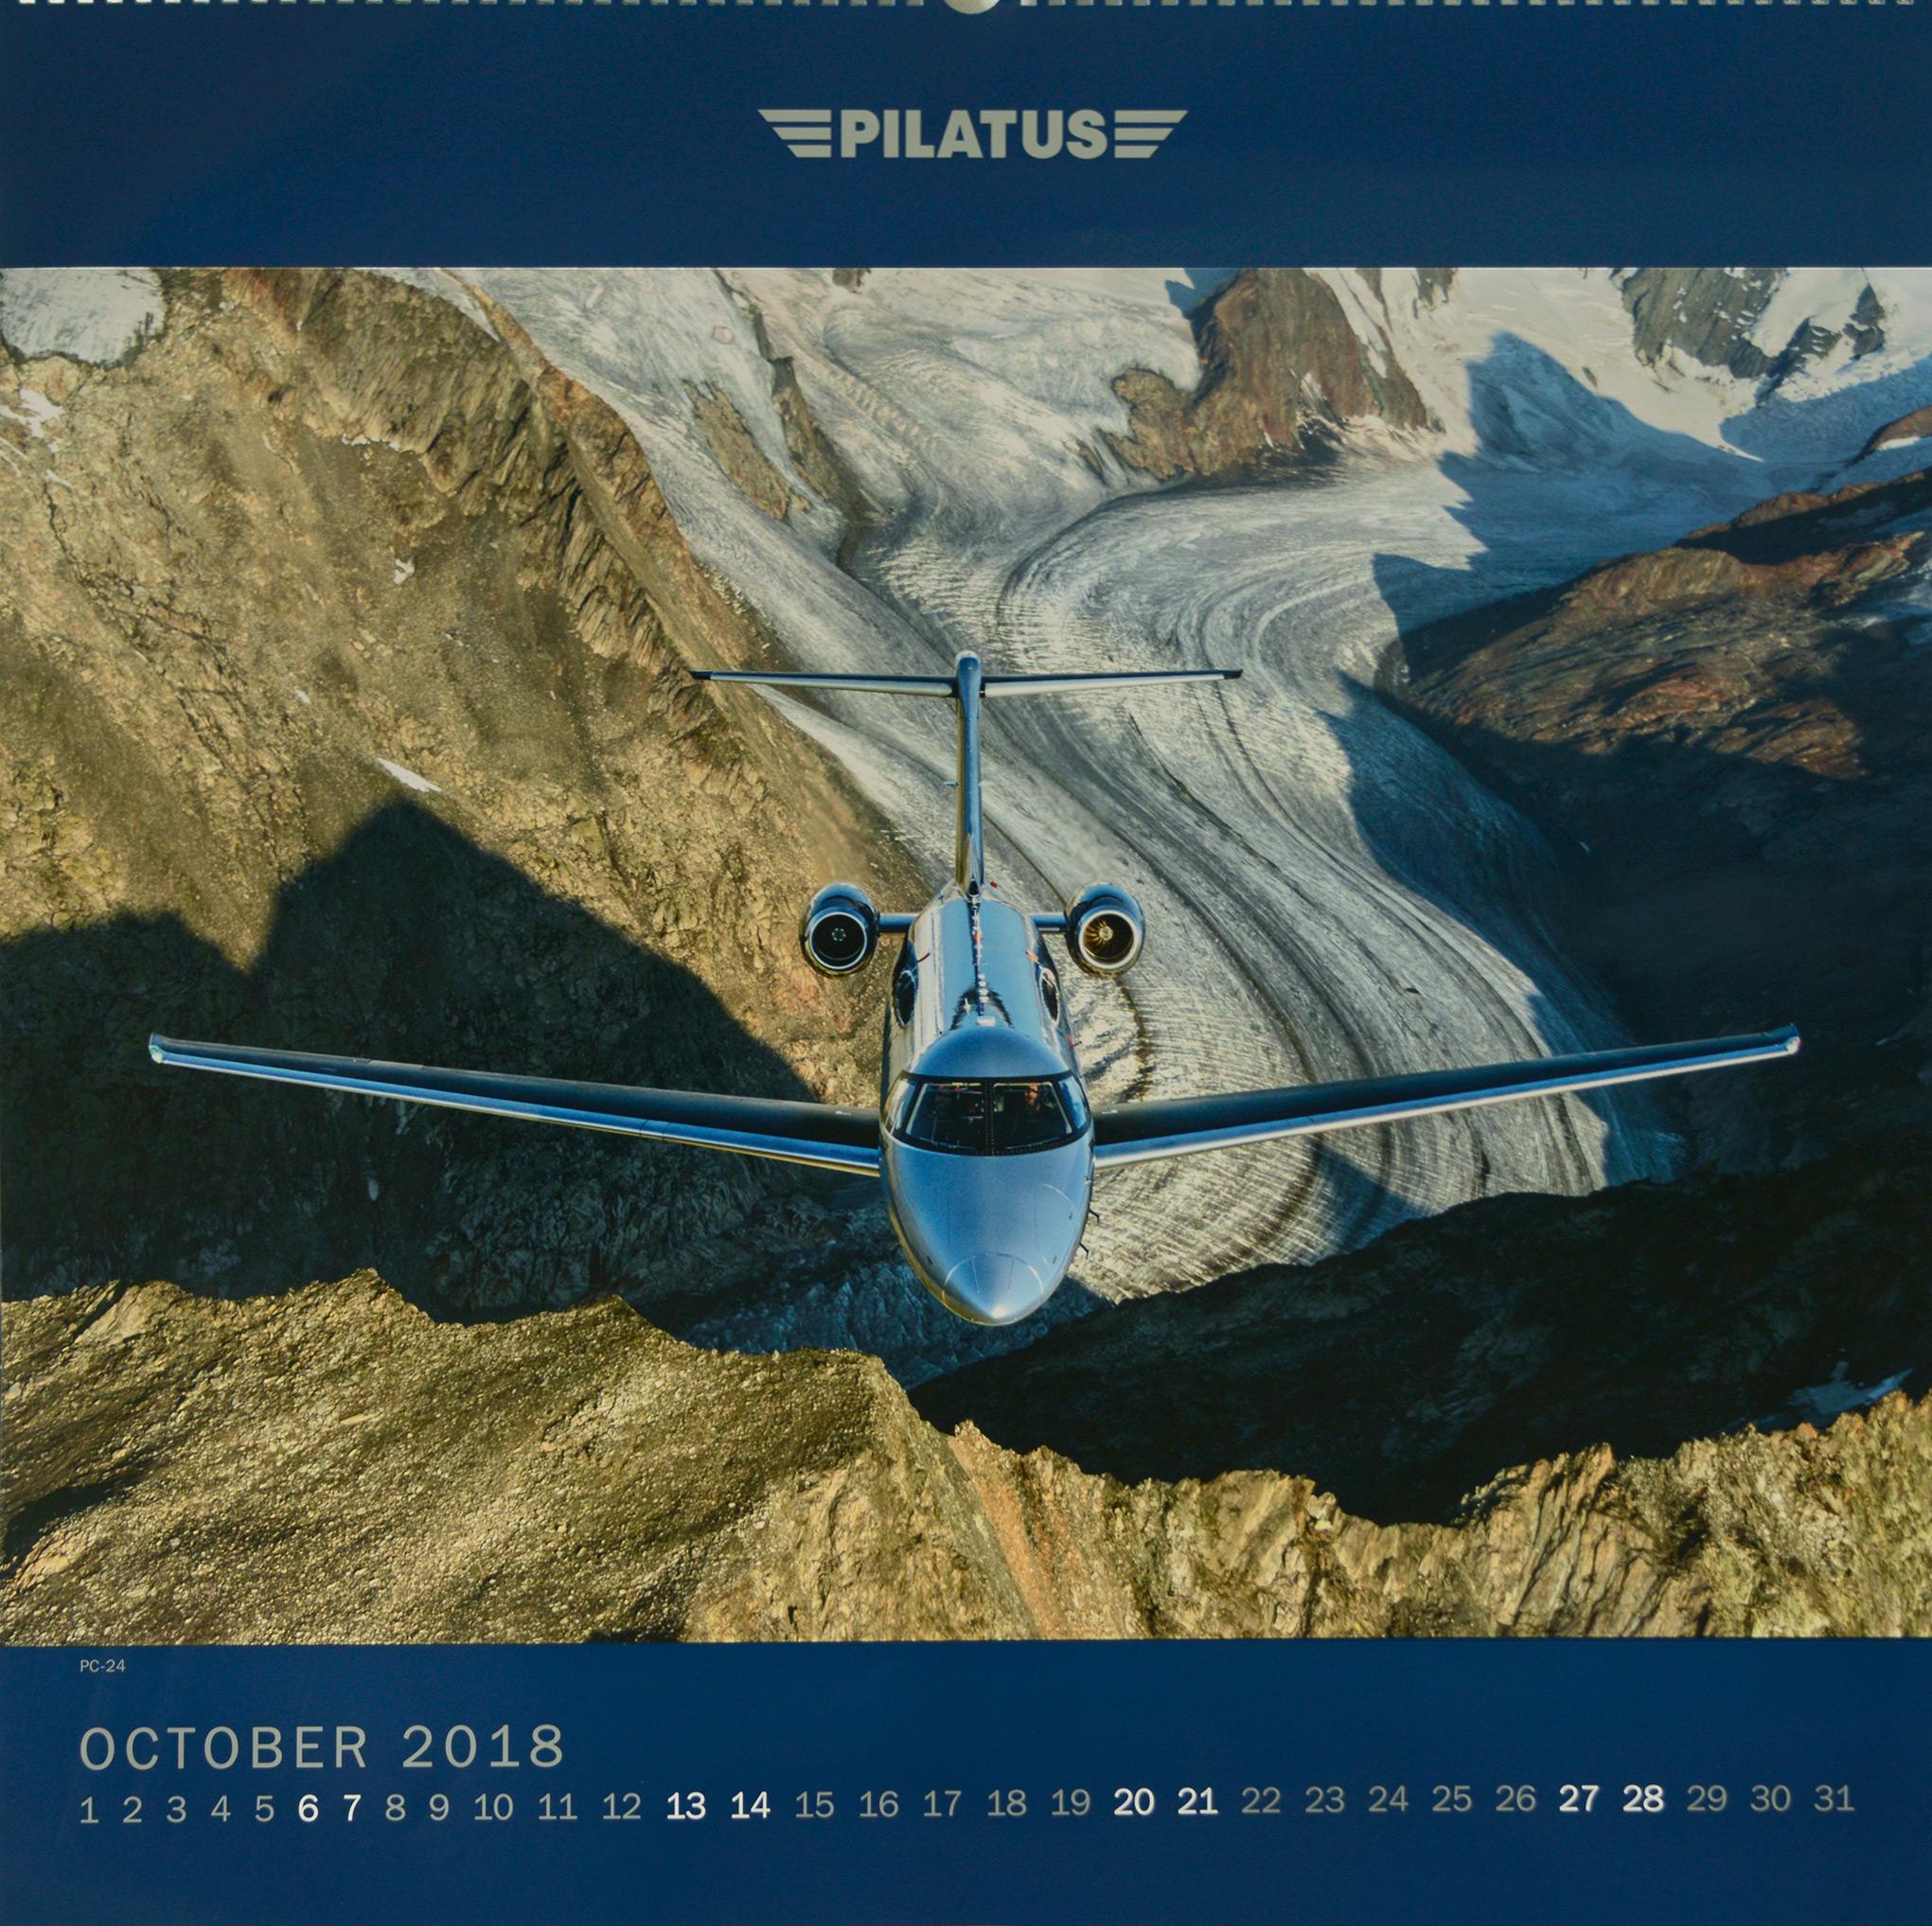 Pilatus Calendar, Oct 2018. Shot from a Shorts Skyvan flown by Philip Artweger.